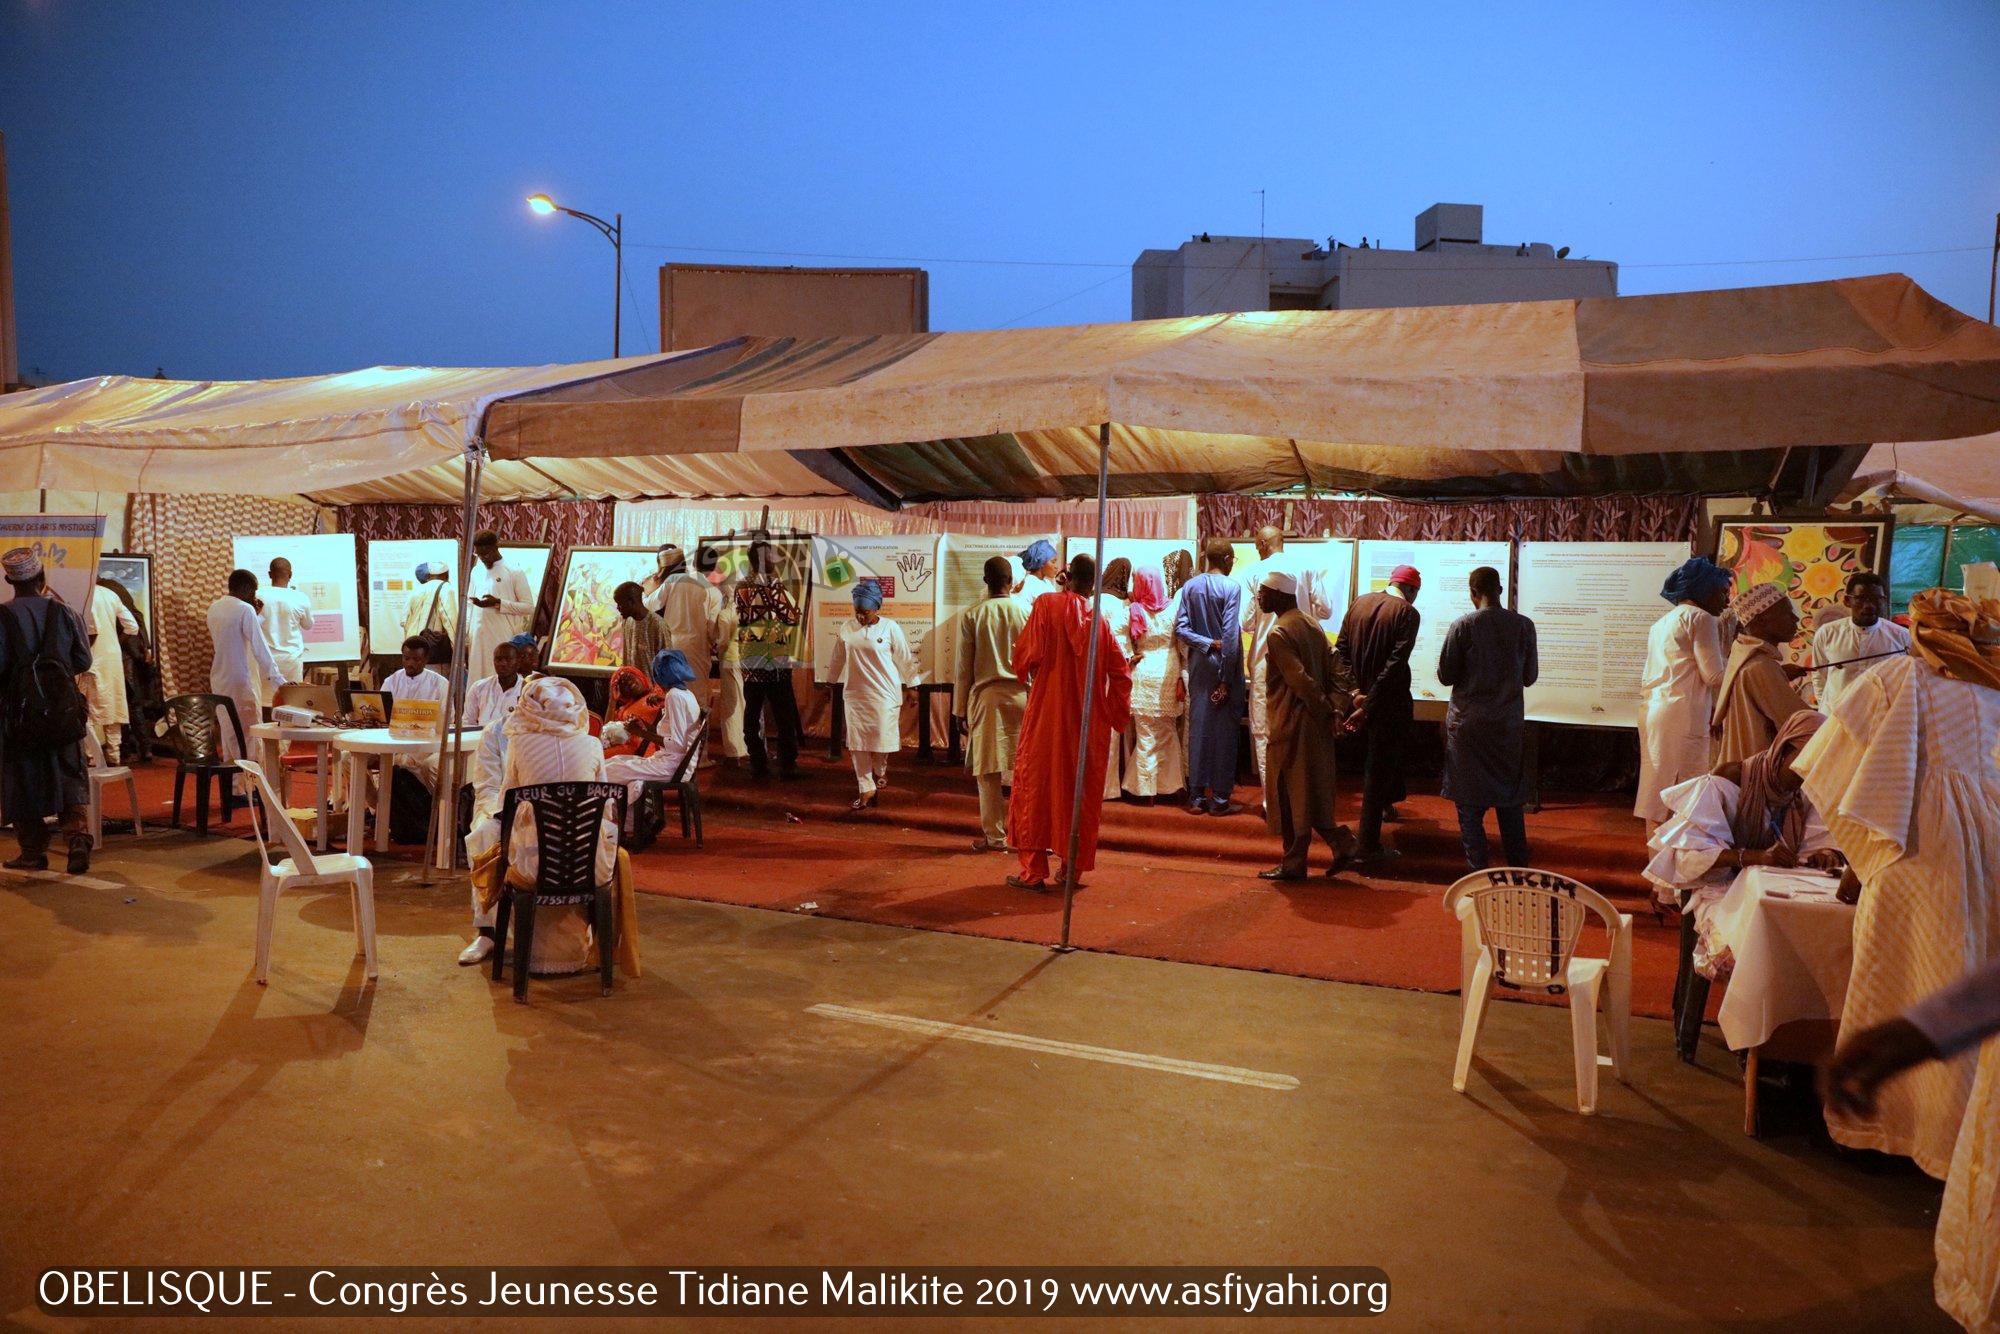 PHOTOS - OBELISQUE - Les Images du Congrès de la Jeunesse Tidiane Malikite 2019